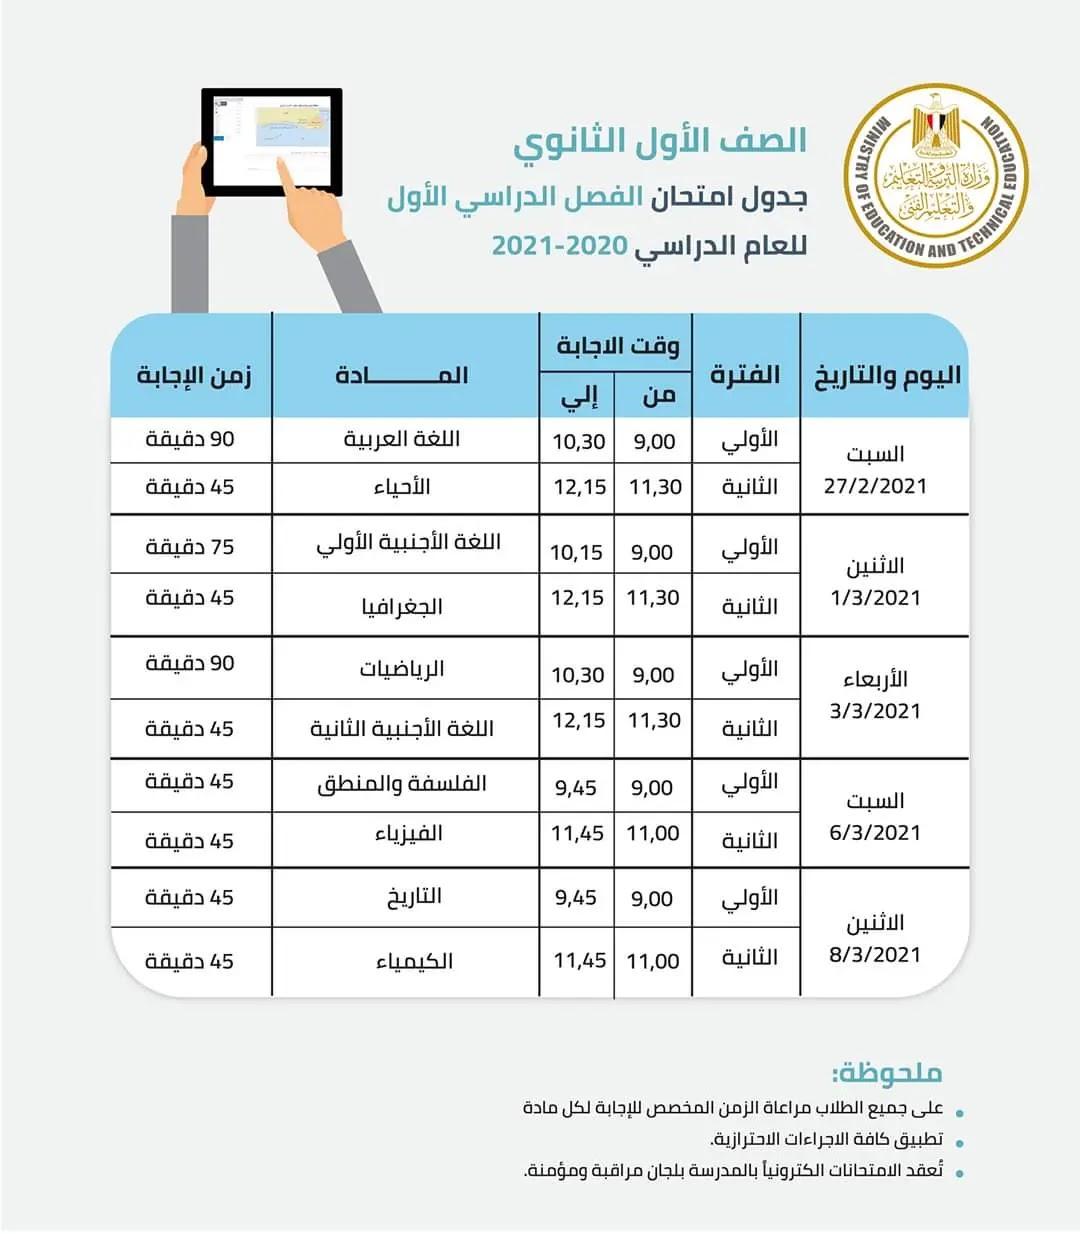 جدول امتحانات الصف الأول الثانوي الفصل الدراسي الاول